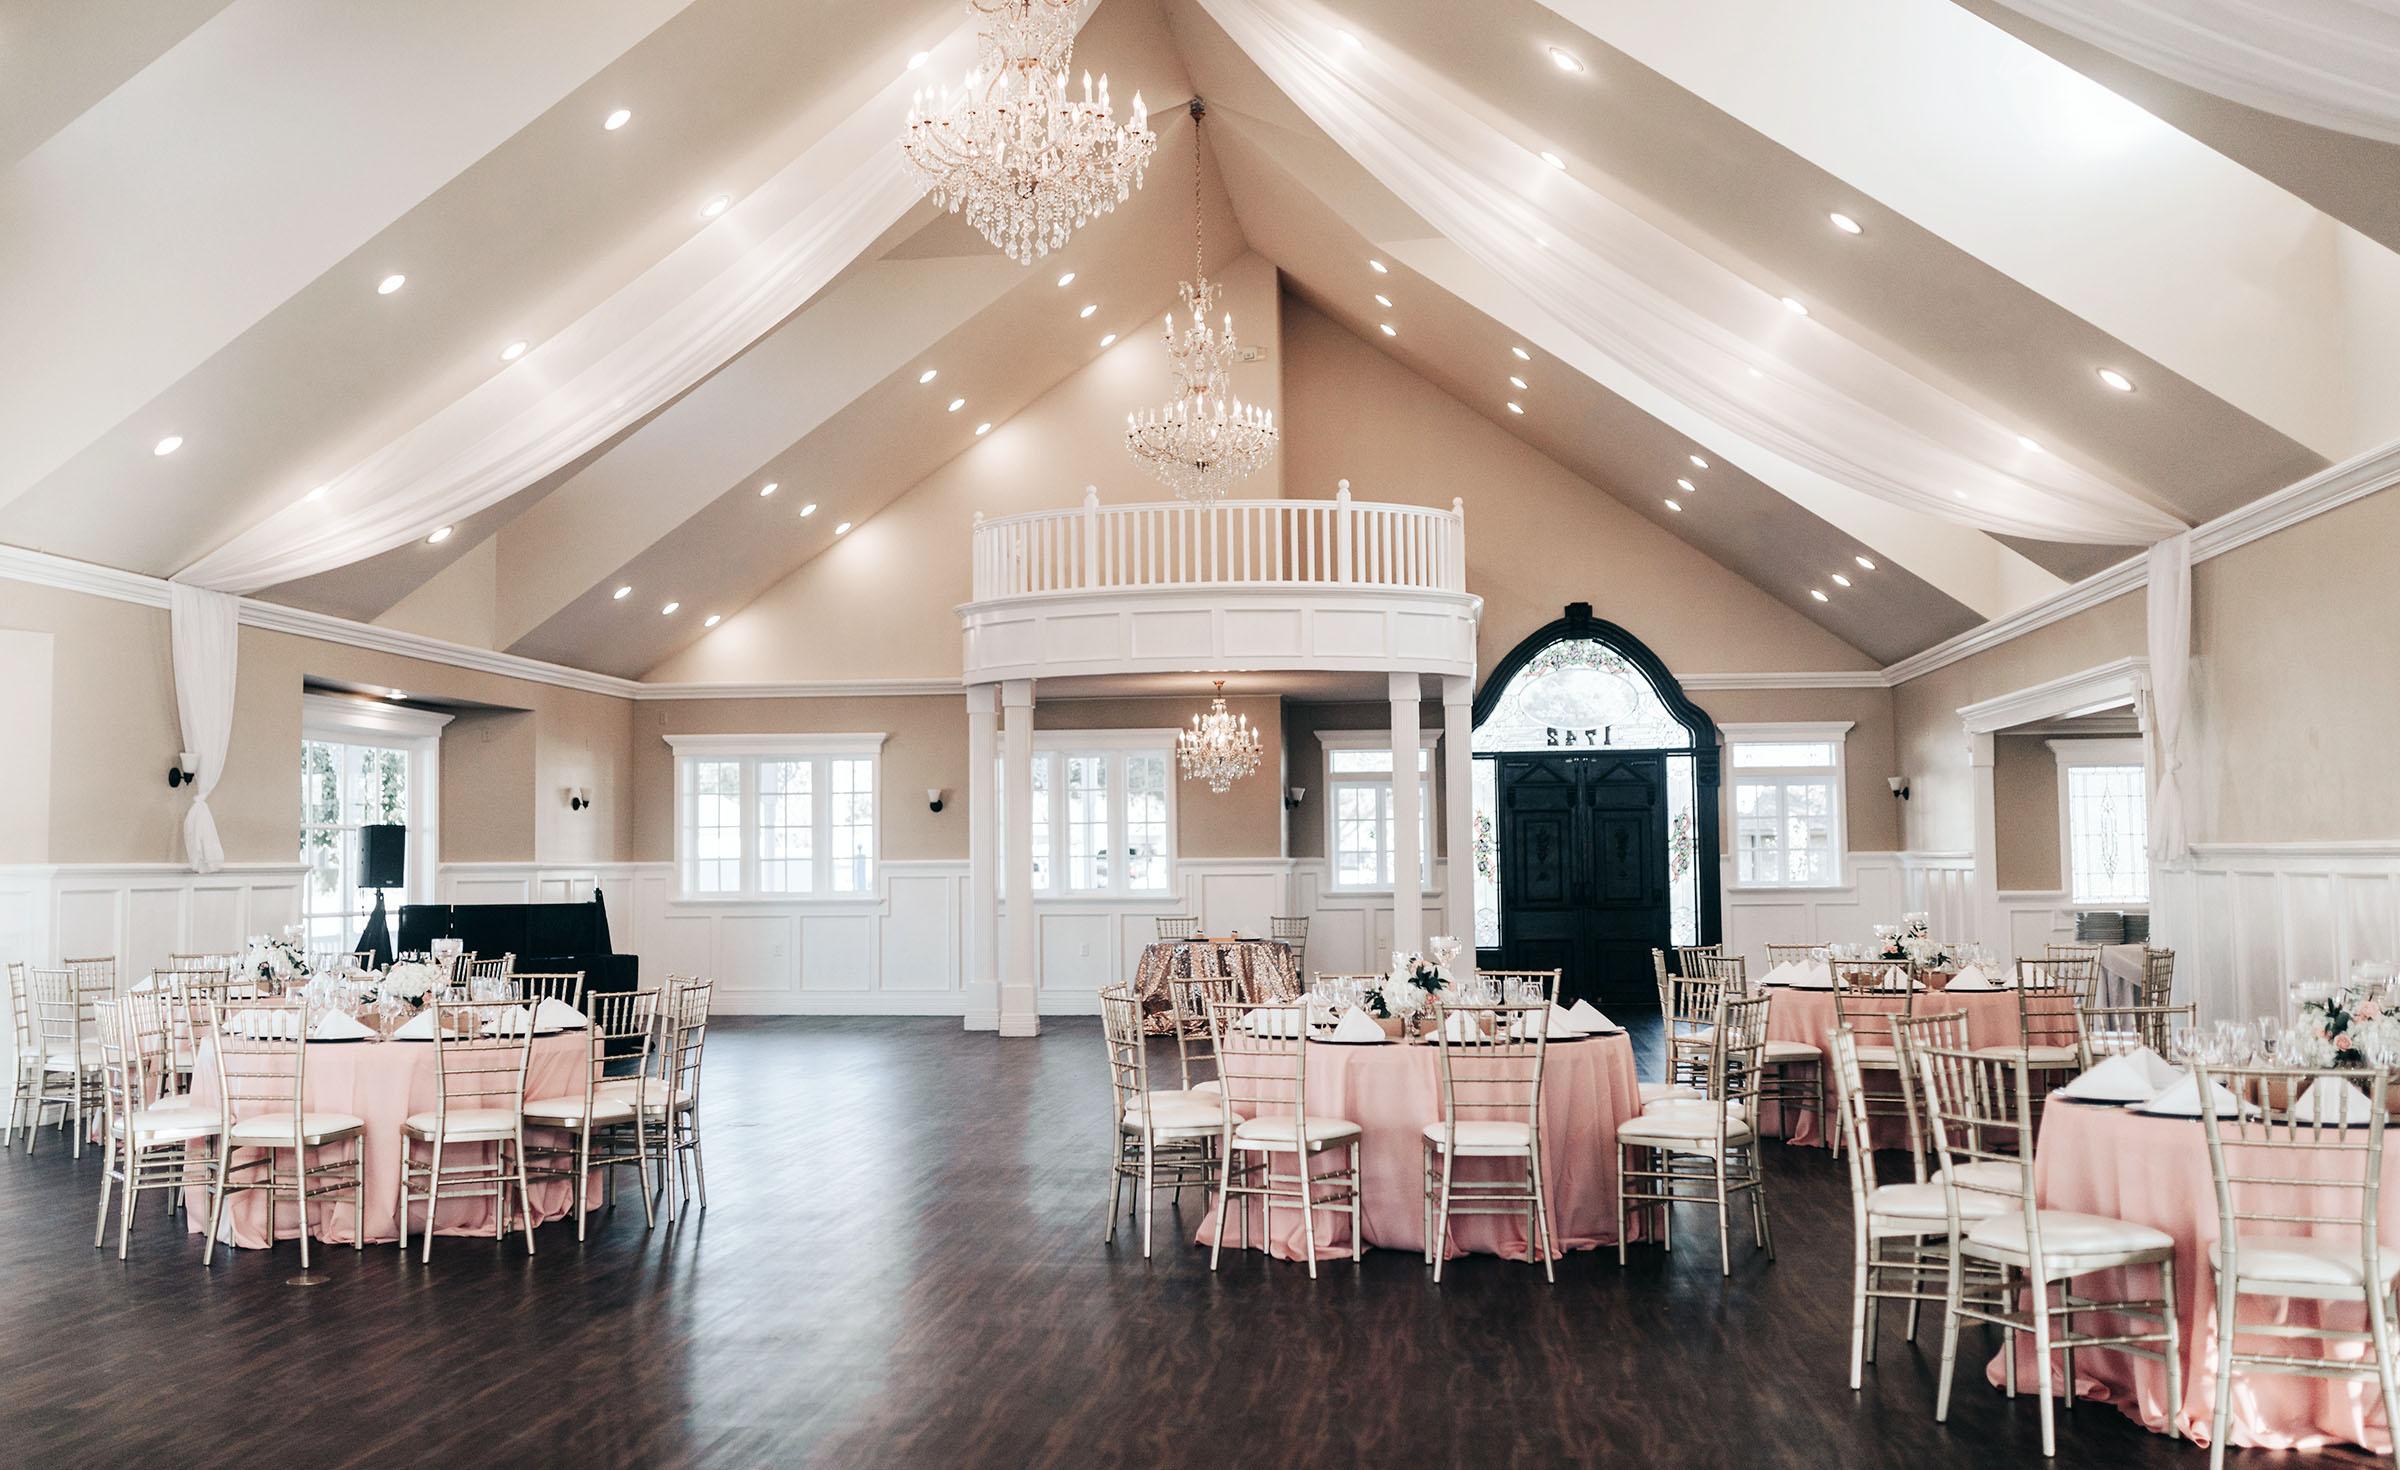 Indoor Reception Space - Lindsay Grove - Mesa, Arizona - Maricopa County - Wedgewood Weddings